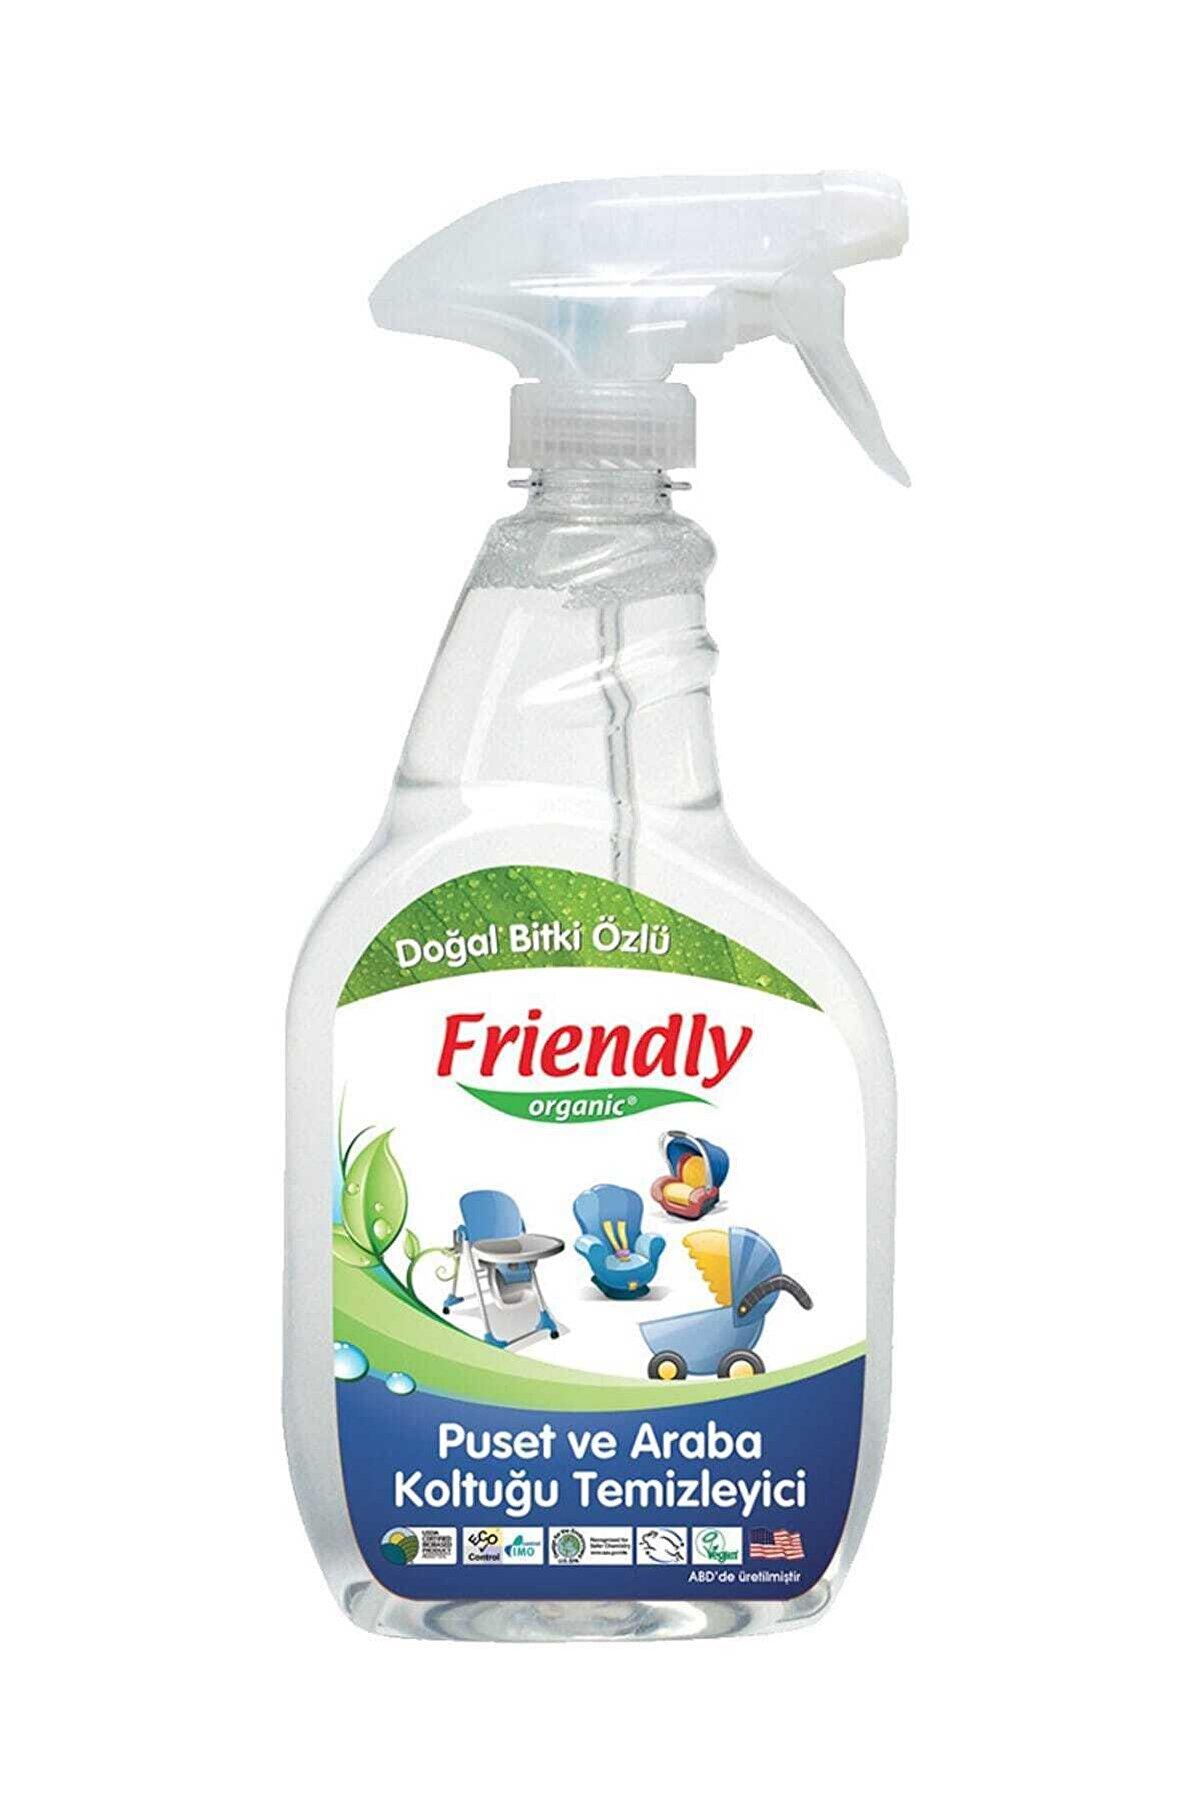 Friendly Organic Araba Koltuğu Ve Puset Temizleyici - 250 Ml